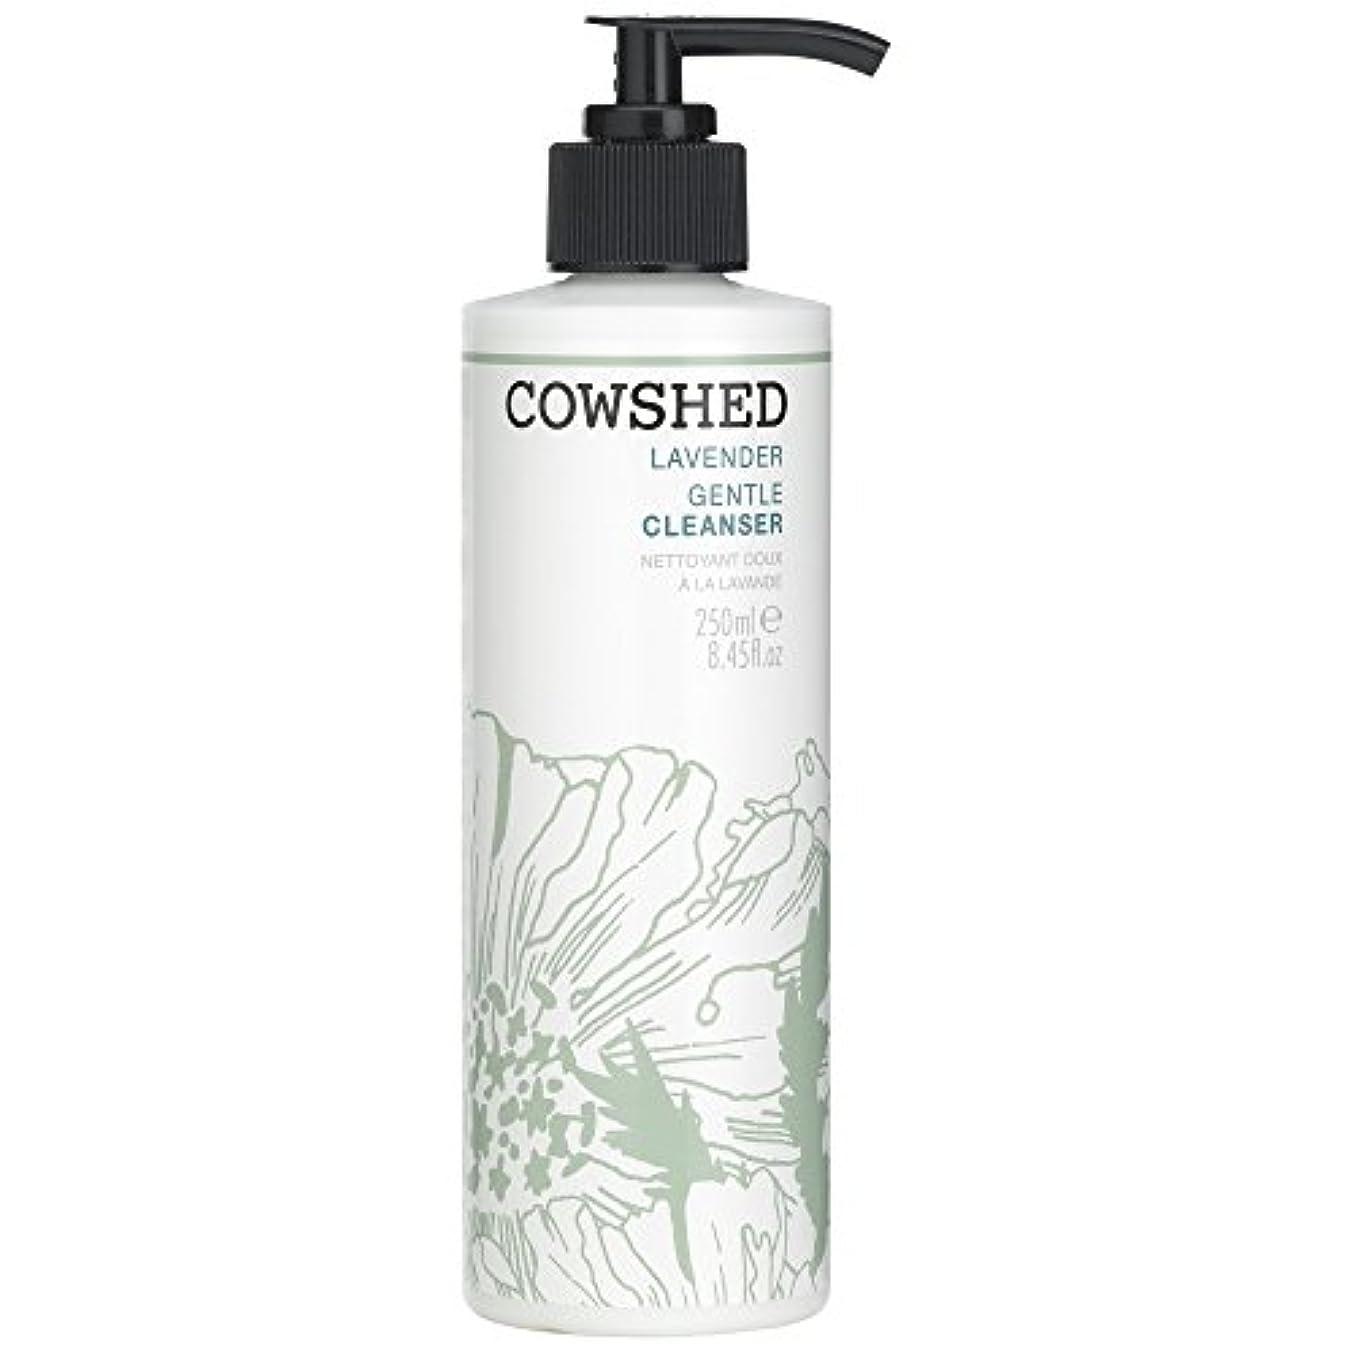 広がりバングラデシュメジャー牛舎ラベンダージェントルクレンザー、250ミリリットル (Cowshed) (x2) - Cowshed Lavender Gentle Cleanser, 250ml (Pack of 2) [並行輸入品]